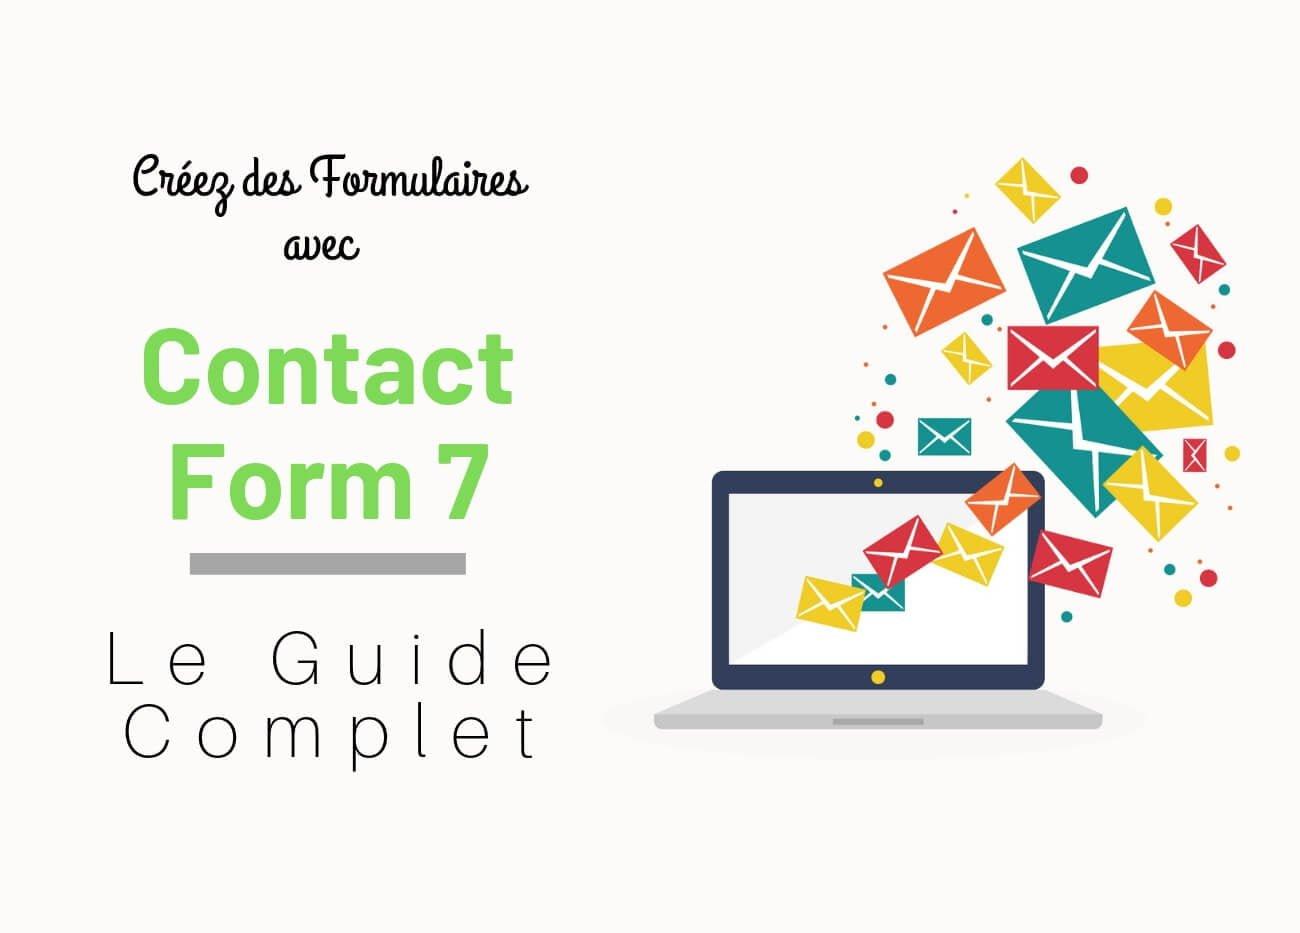 créer des formulaires avec contact form 7